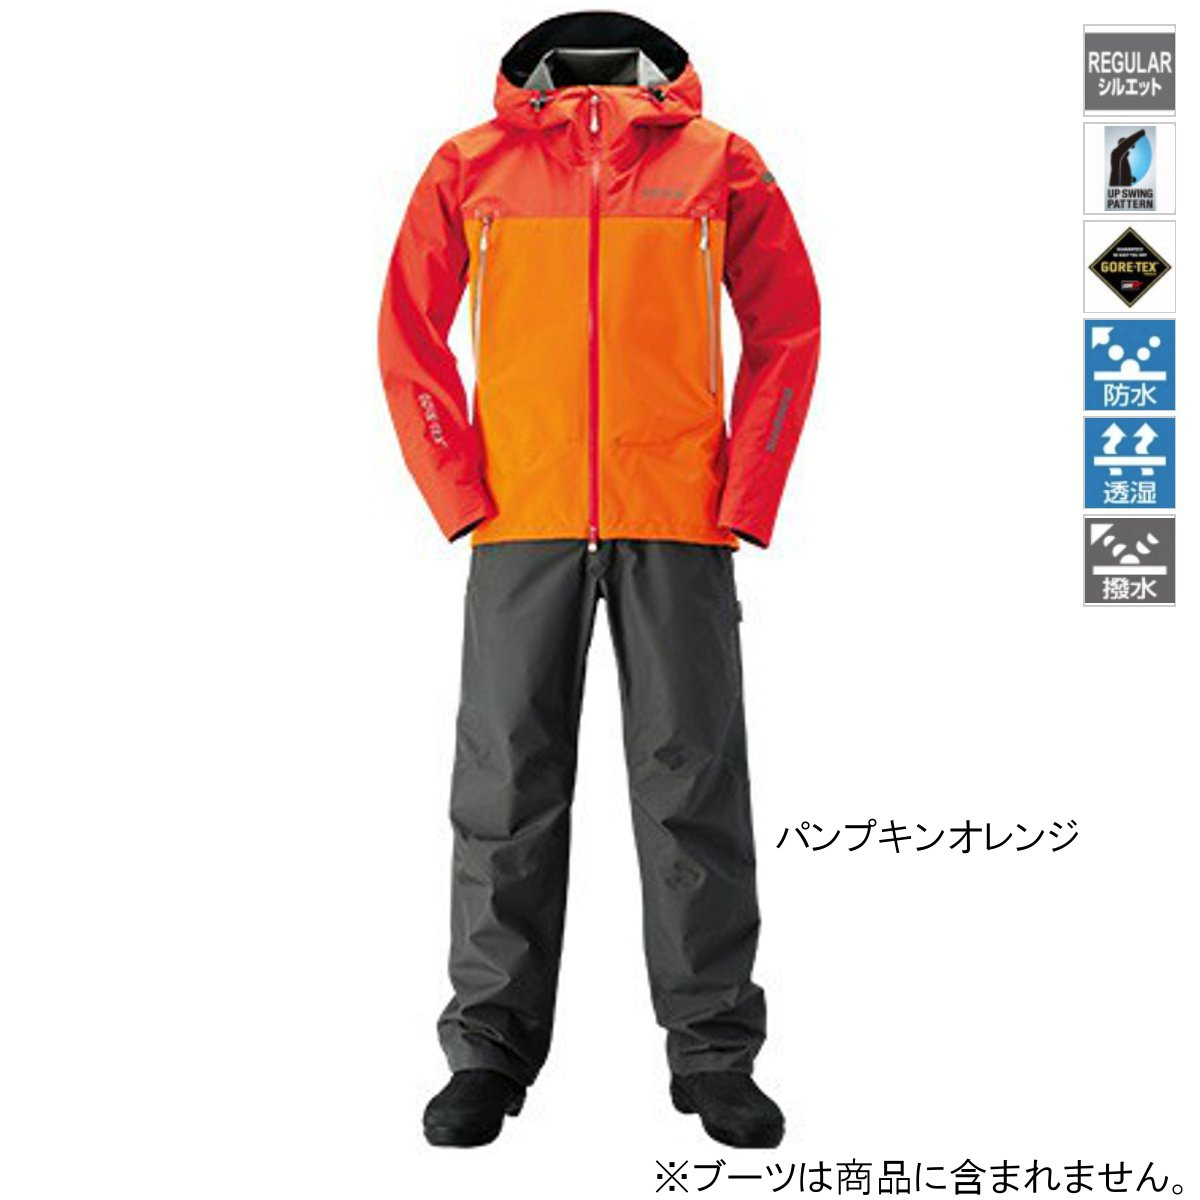 シマノ GORE-TEX ベーシックスーツ RA-017R L パンプキンオレンジ【送料無料】